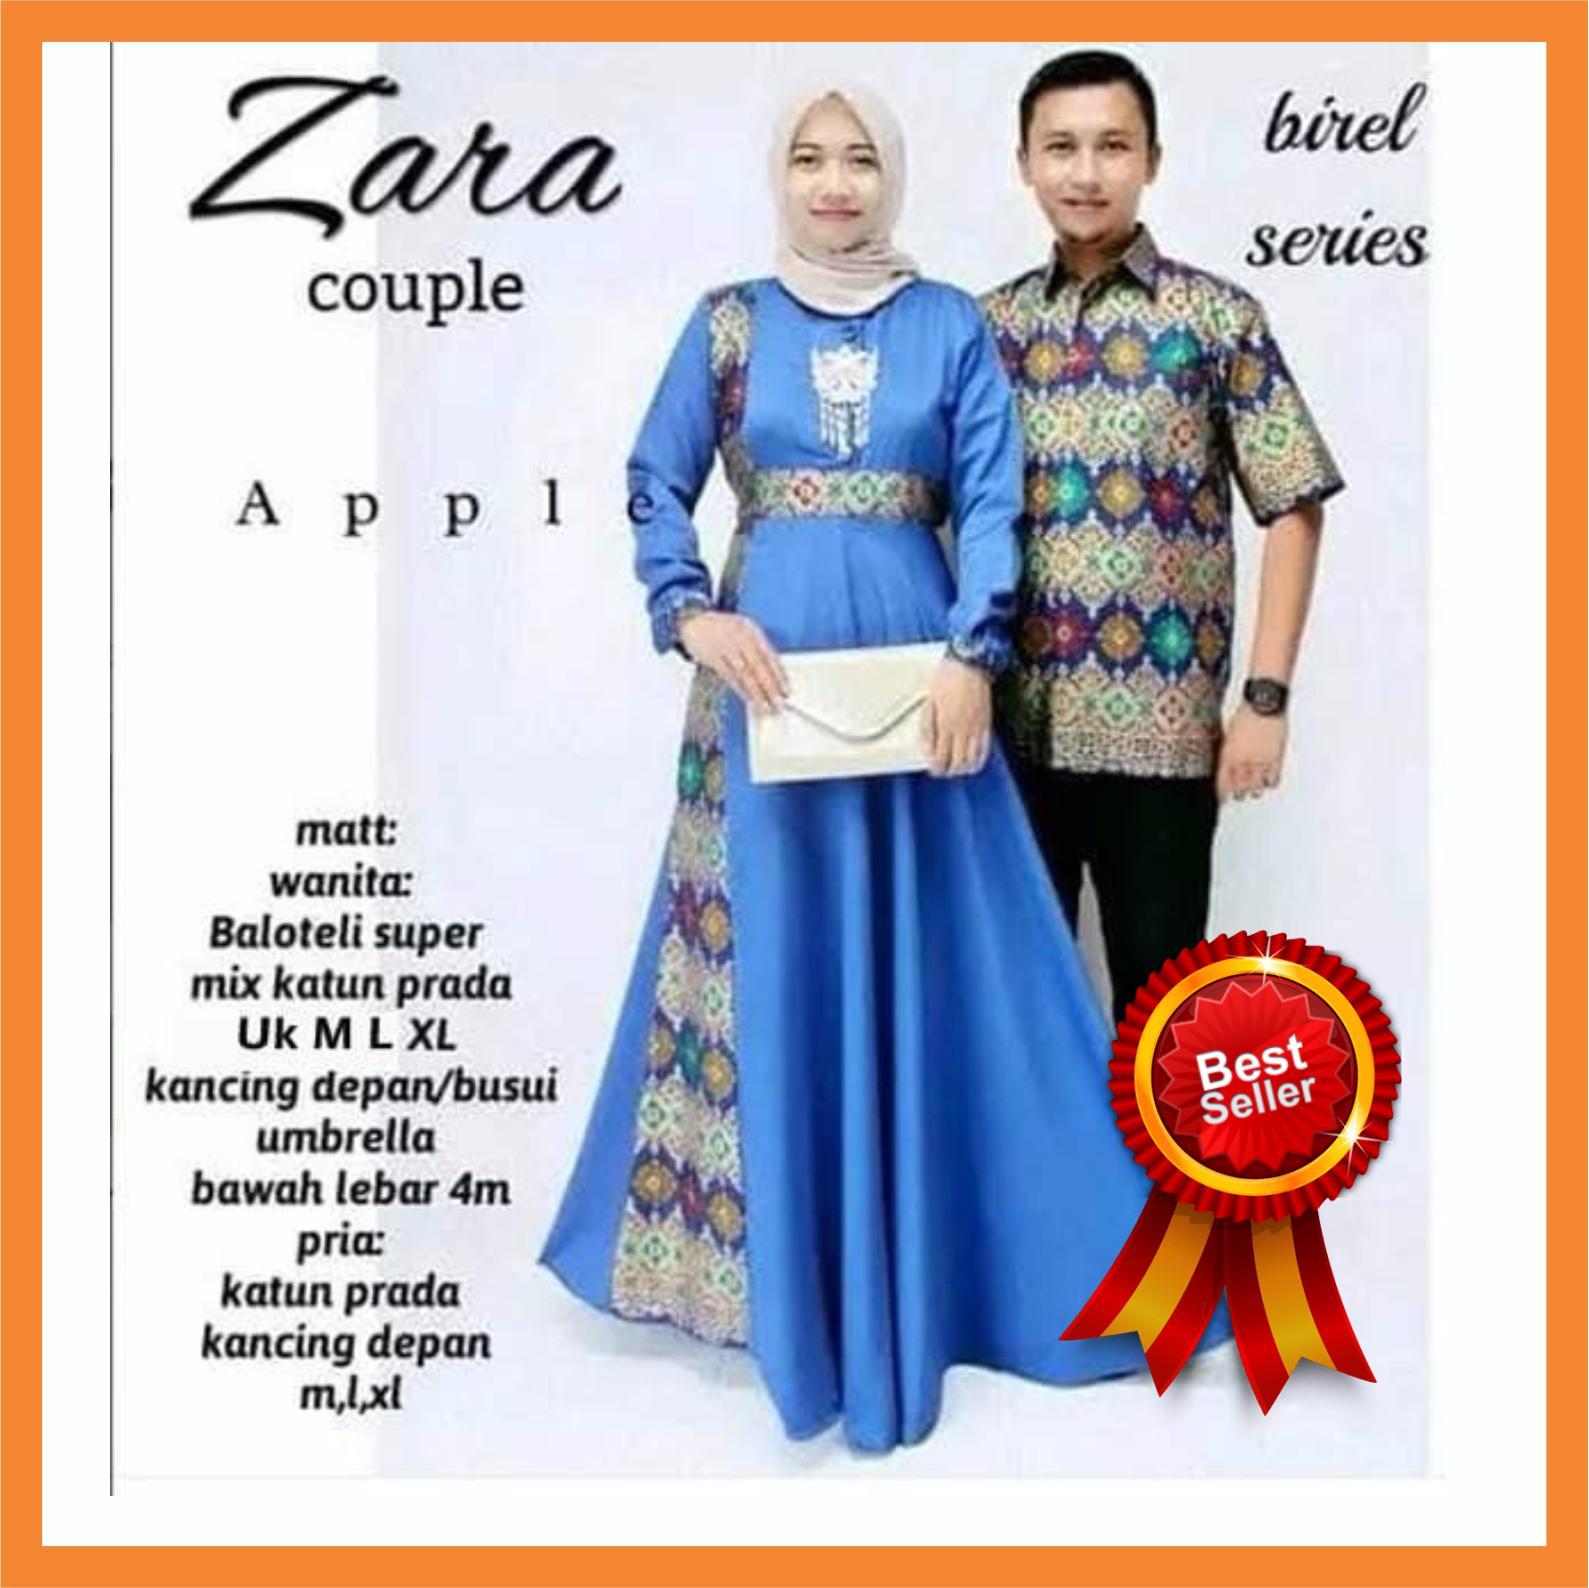 Batik Couple / Baju Couple / Batik Muslim Couple / Batik Couple Keluarga / Batik Keluarga / Batik Modern / Batik Pasangan Original Pengarjin Type Zara Best Seller